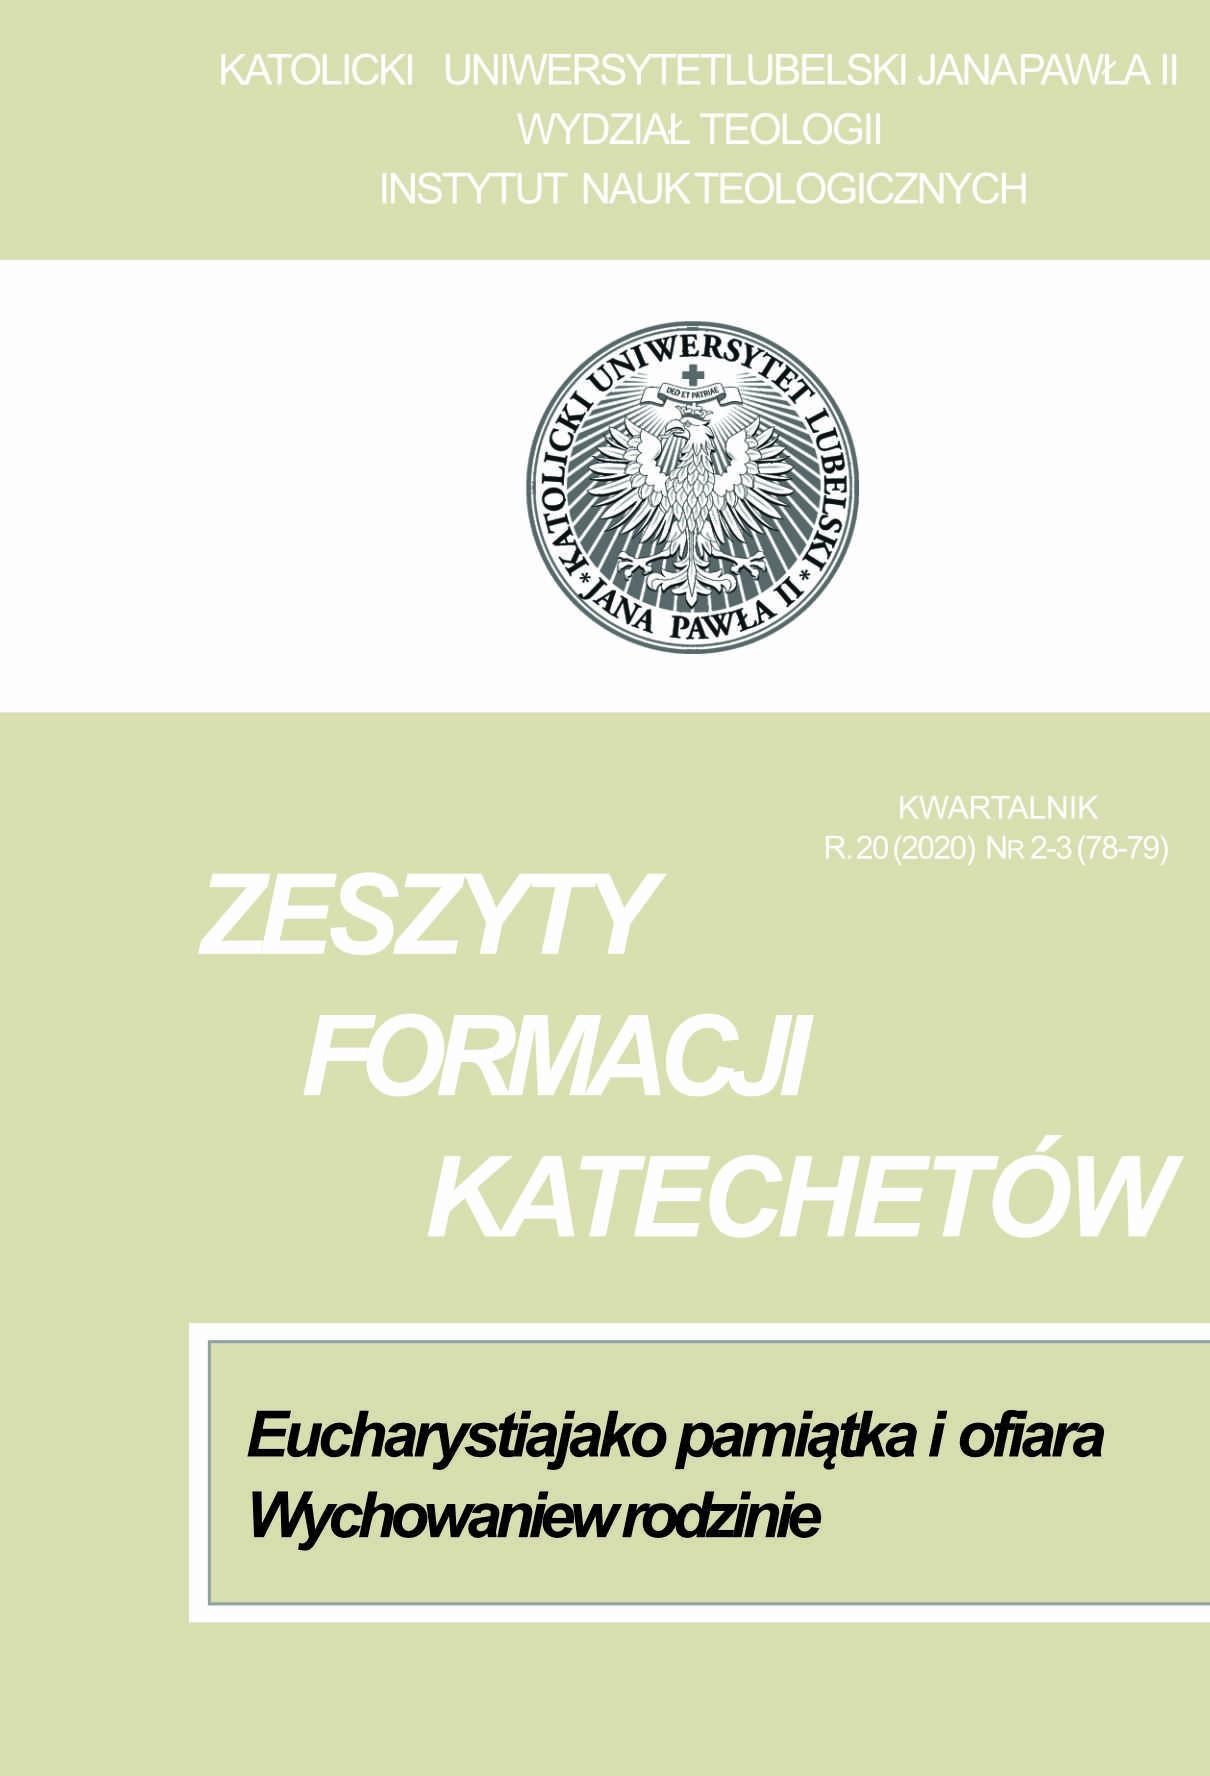 Wyświetl Nr 2-3 (2020): Eucharystia jako pamiątka i ofiara. Wychowanie w rodzinie